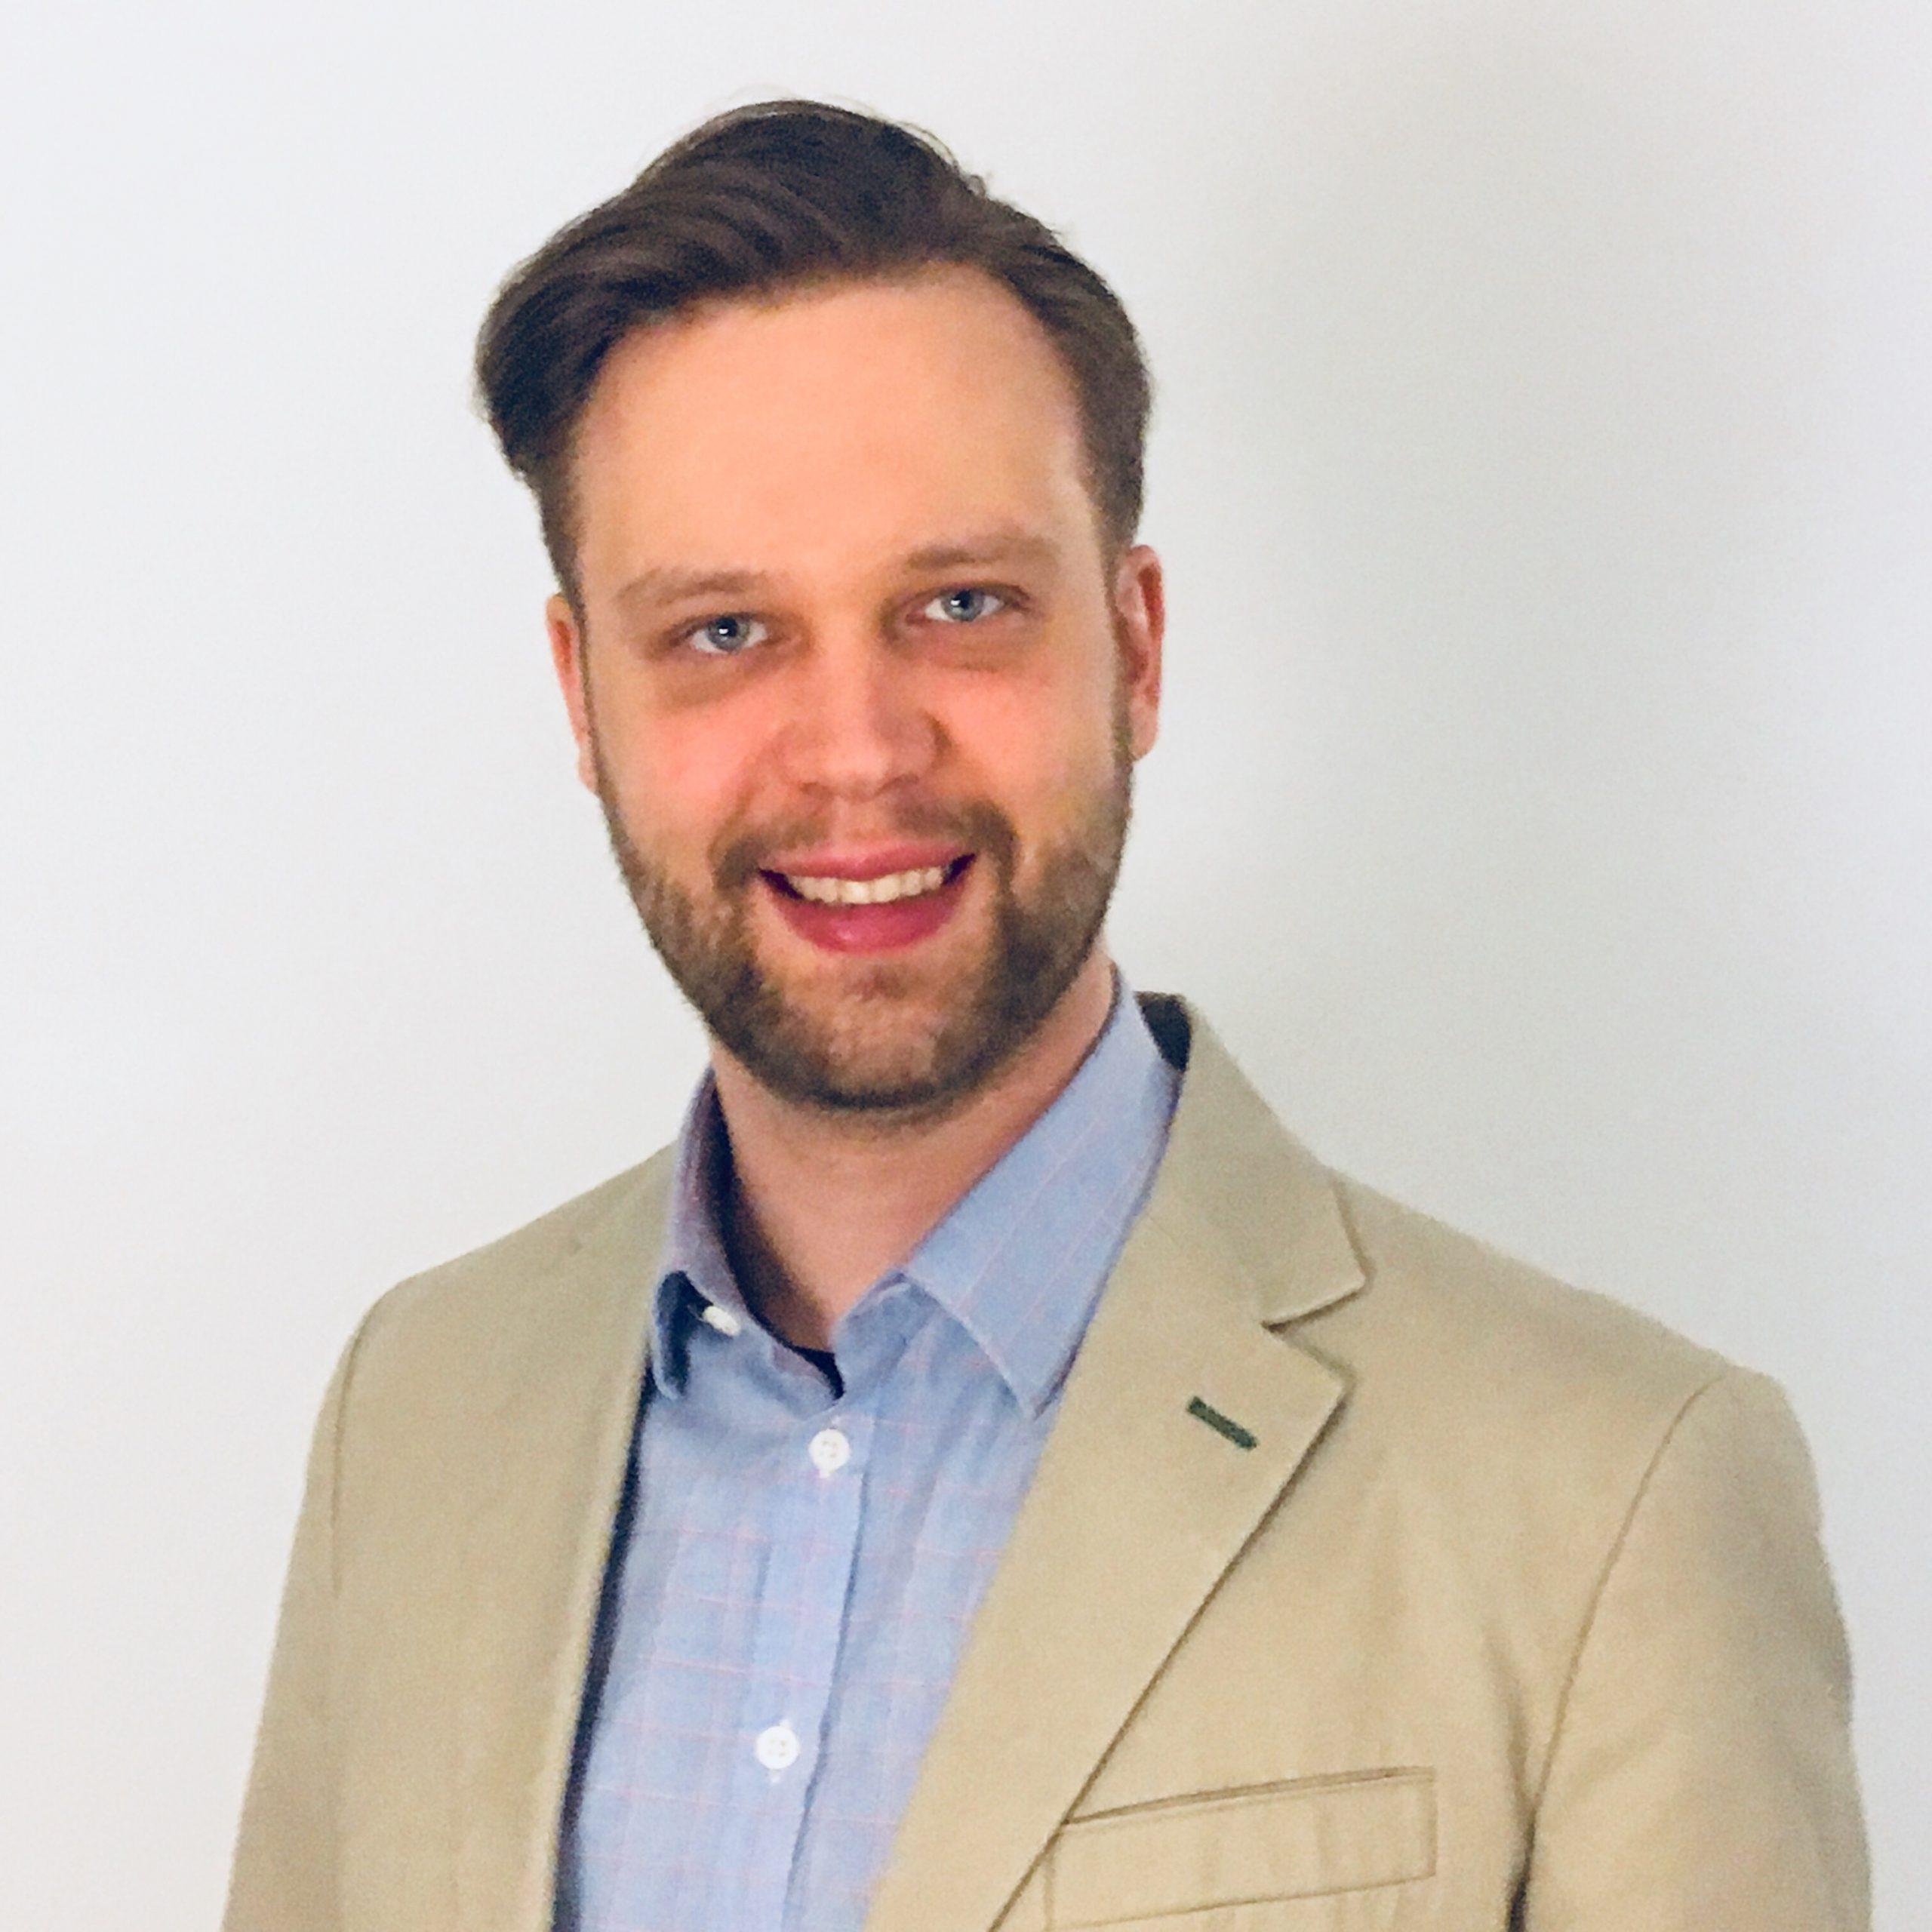 Antti Vuorenmaa